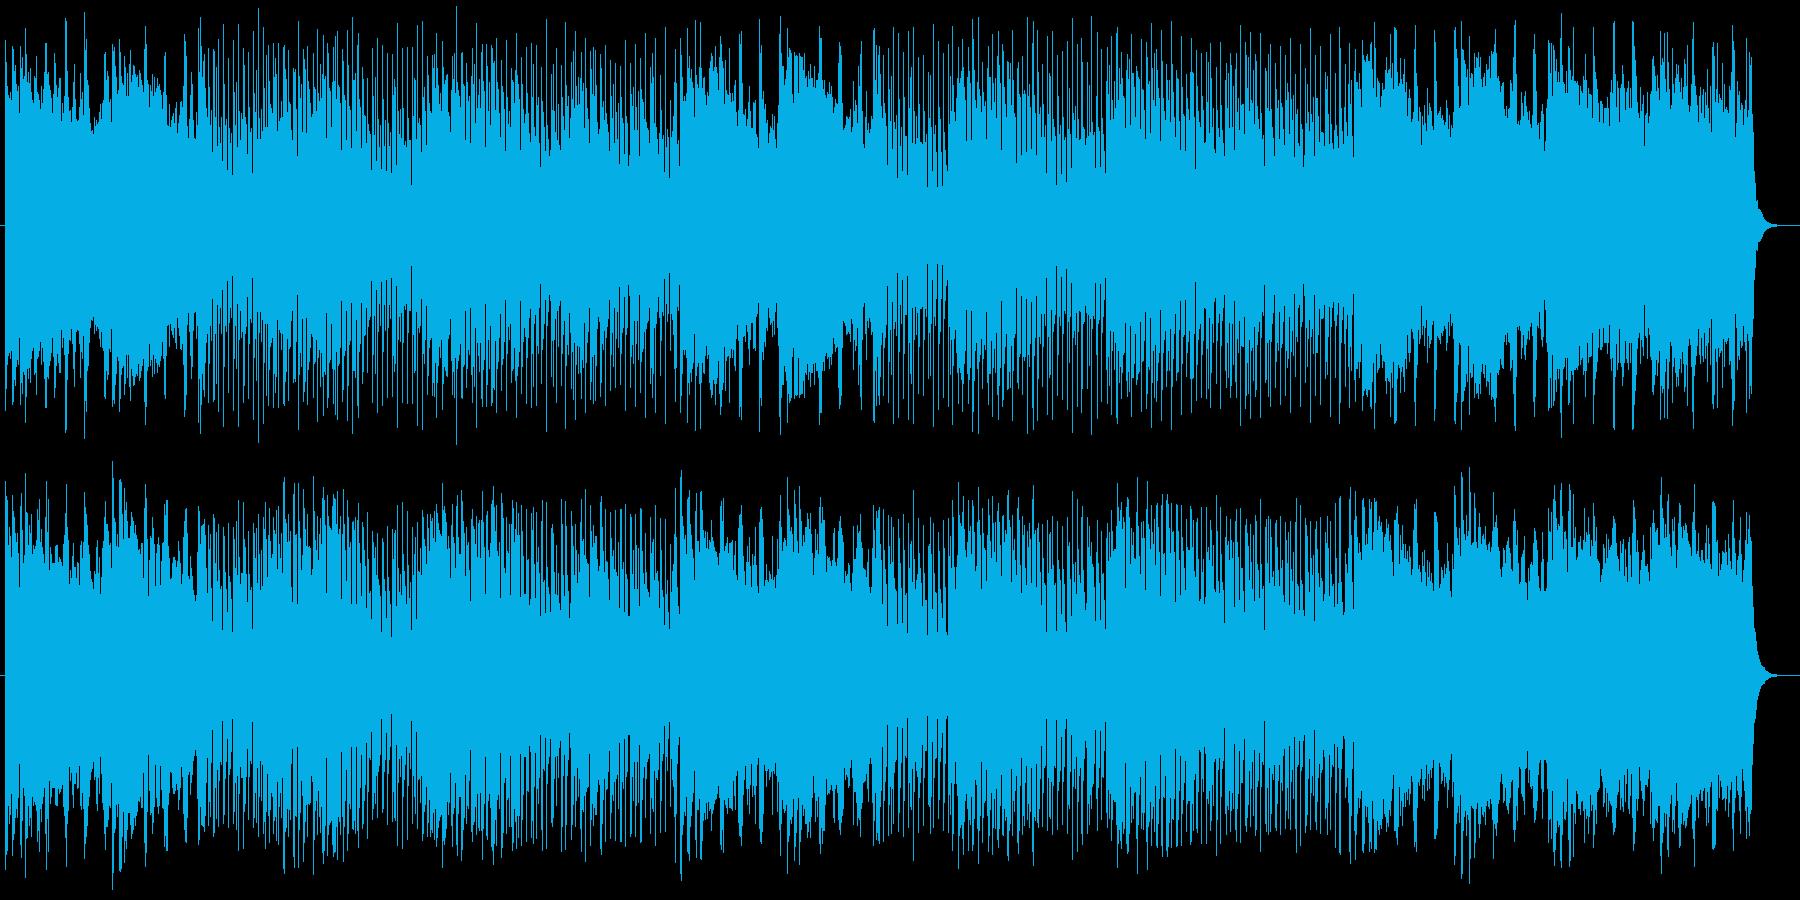 クールでロックでヘビーなエレキサウンドの再生済みの波形